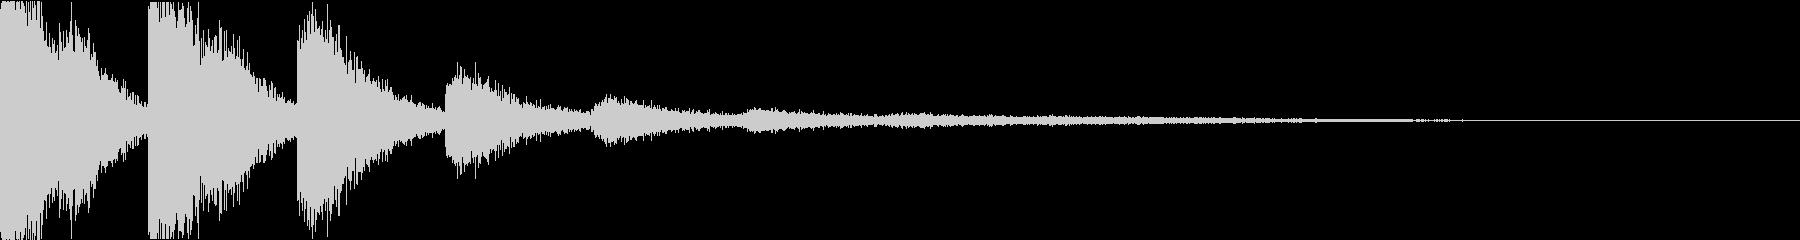 スネア:衝撃音・迫力・インパクトfの未再生の波形